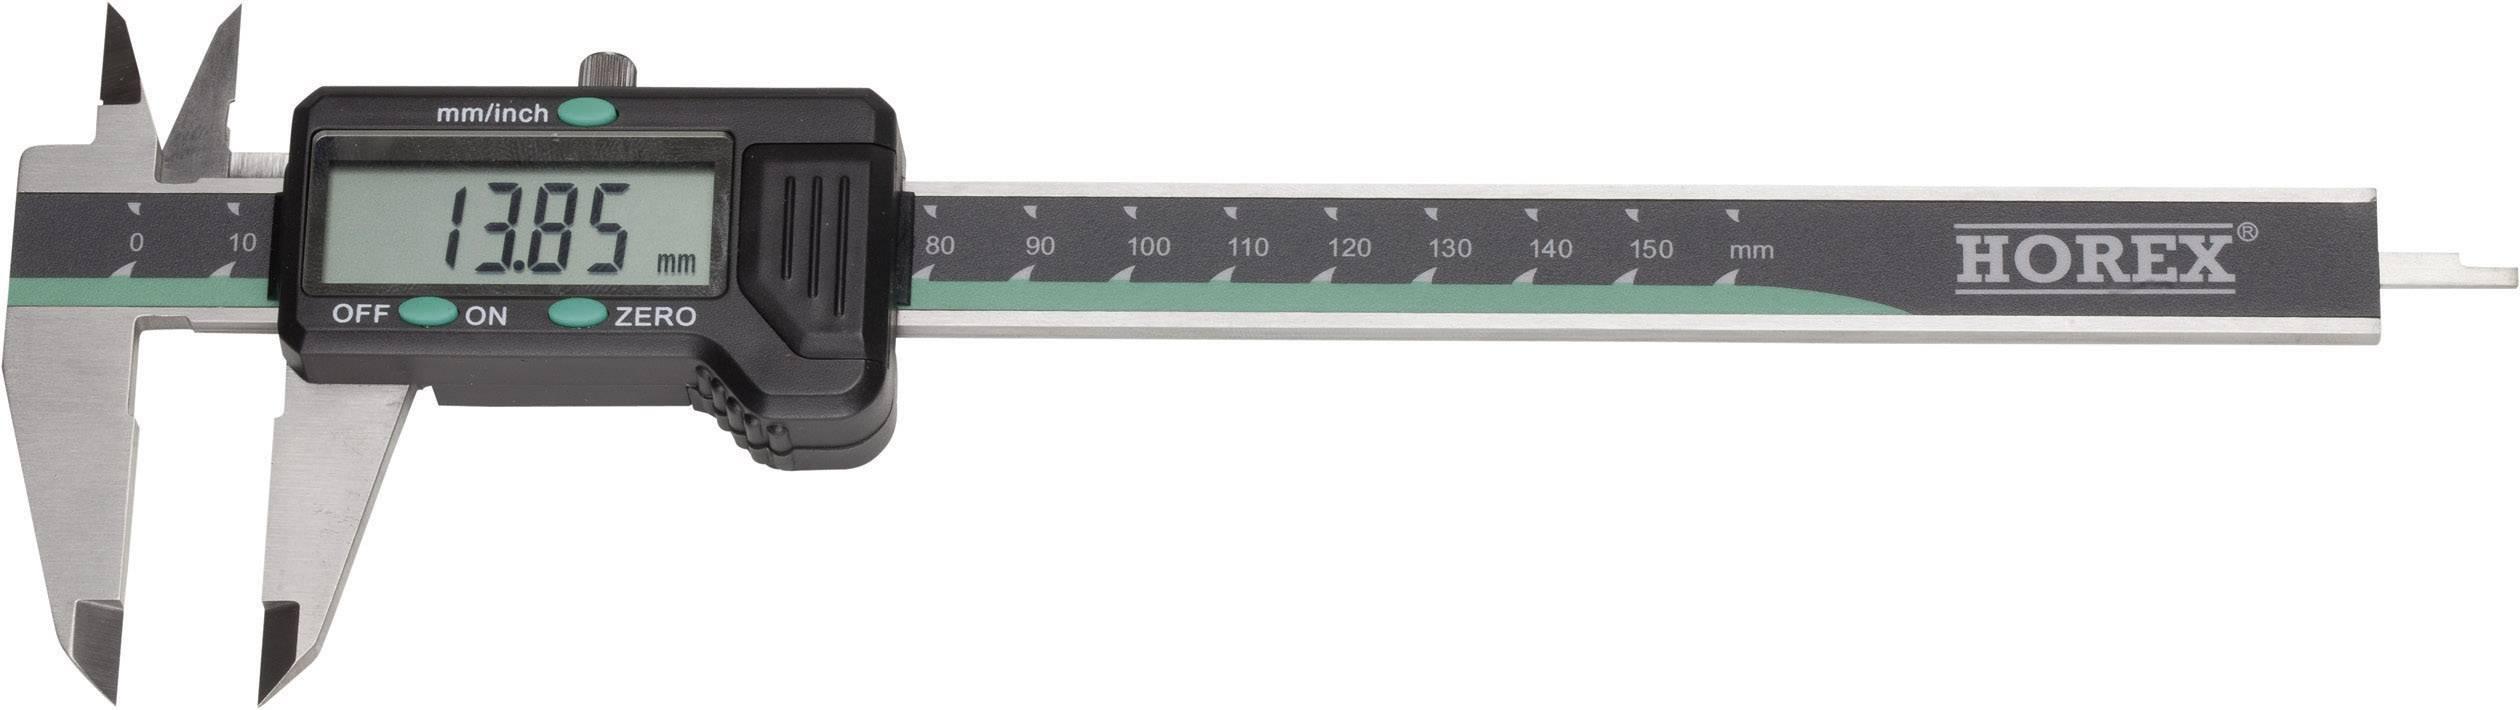 Digitální posuvné měřítko Horex 2211222, měřicí rozsah 300 mm, Kalibrováno dle vlastní